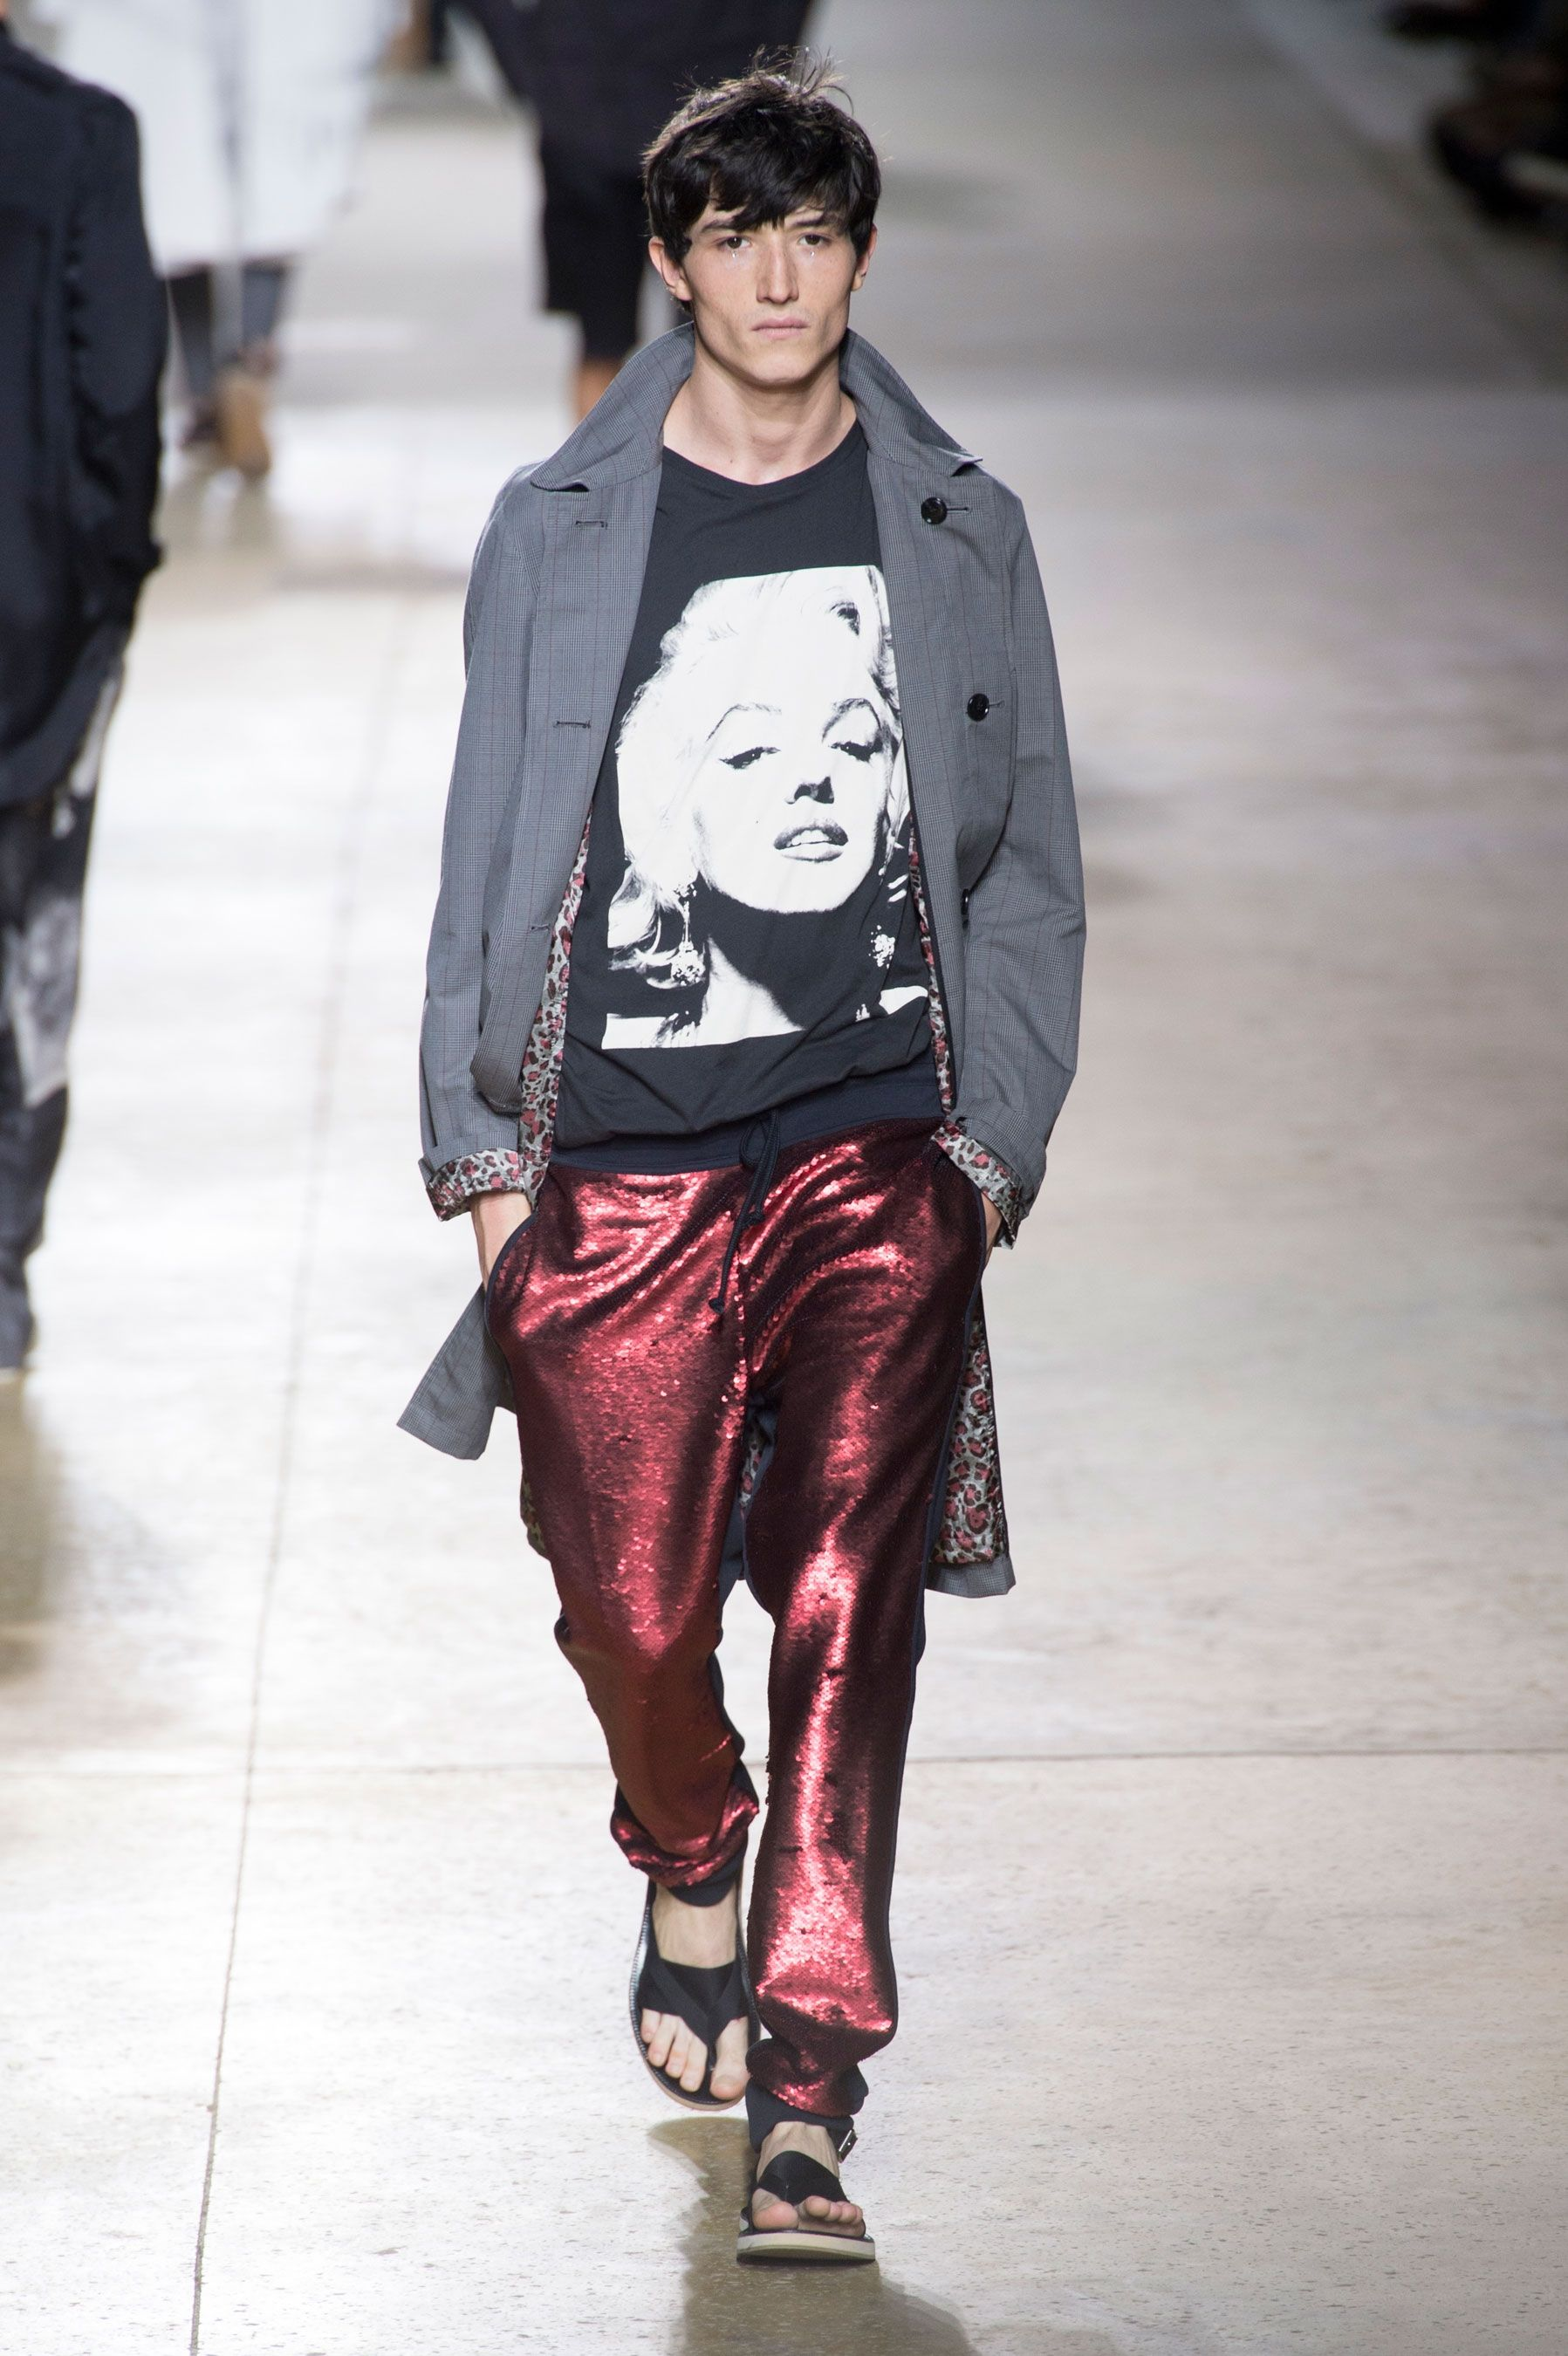 Dries Van Noten Spring Summer Primavera Verano 2016 Collection #Menswear #Trends #Tendencias #Moda Hombre - Paris Fashion Week - D.P.